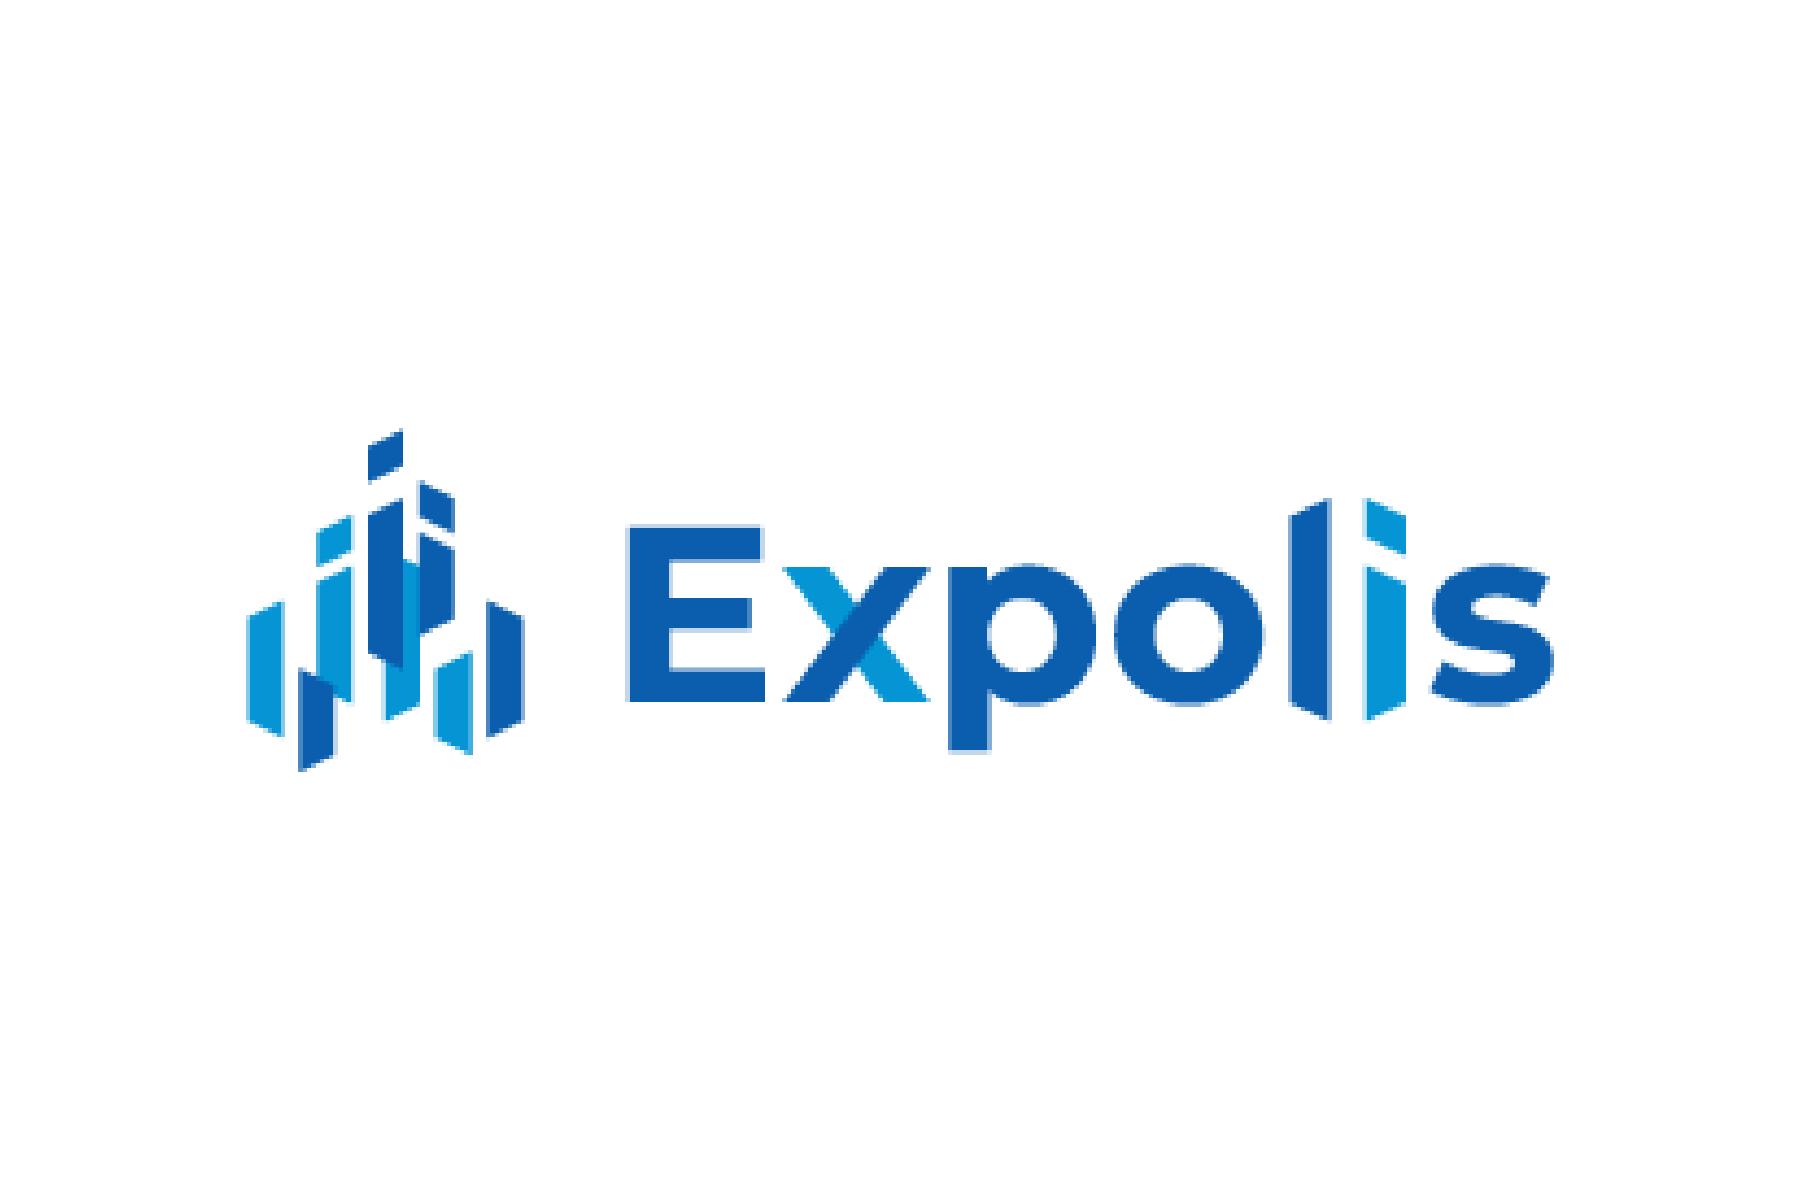 エクスポリス×日本IBM×東京電機大学 | 地方創生の推進に向け地域の取り組みを連携させるIT基盤の実証実験を開始